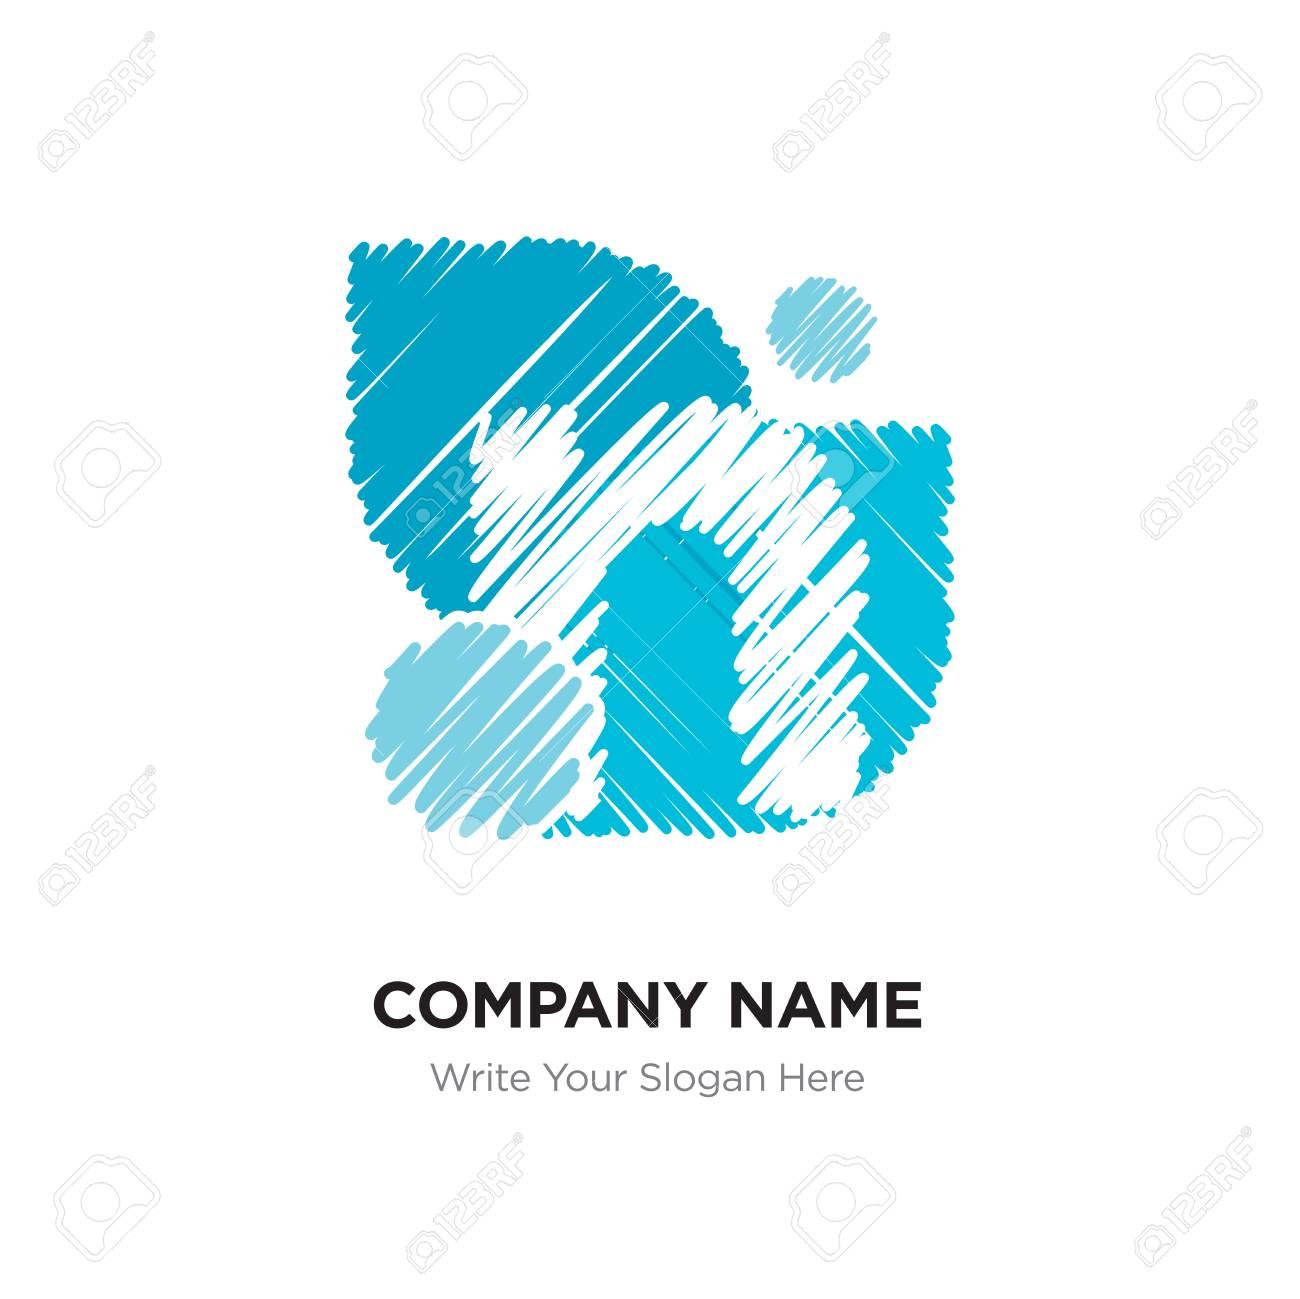 Letter N Logo With Vintage Grunge Cut Design Destroyed Drawing Elegant Icon Vector